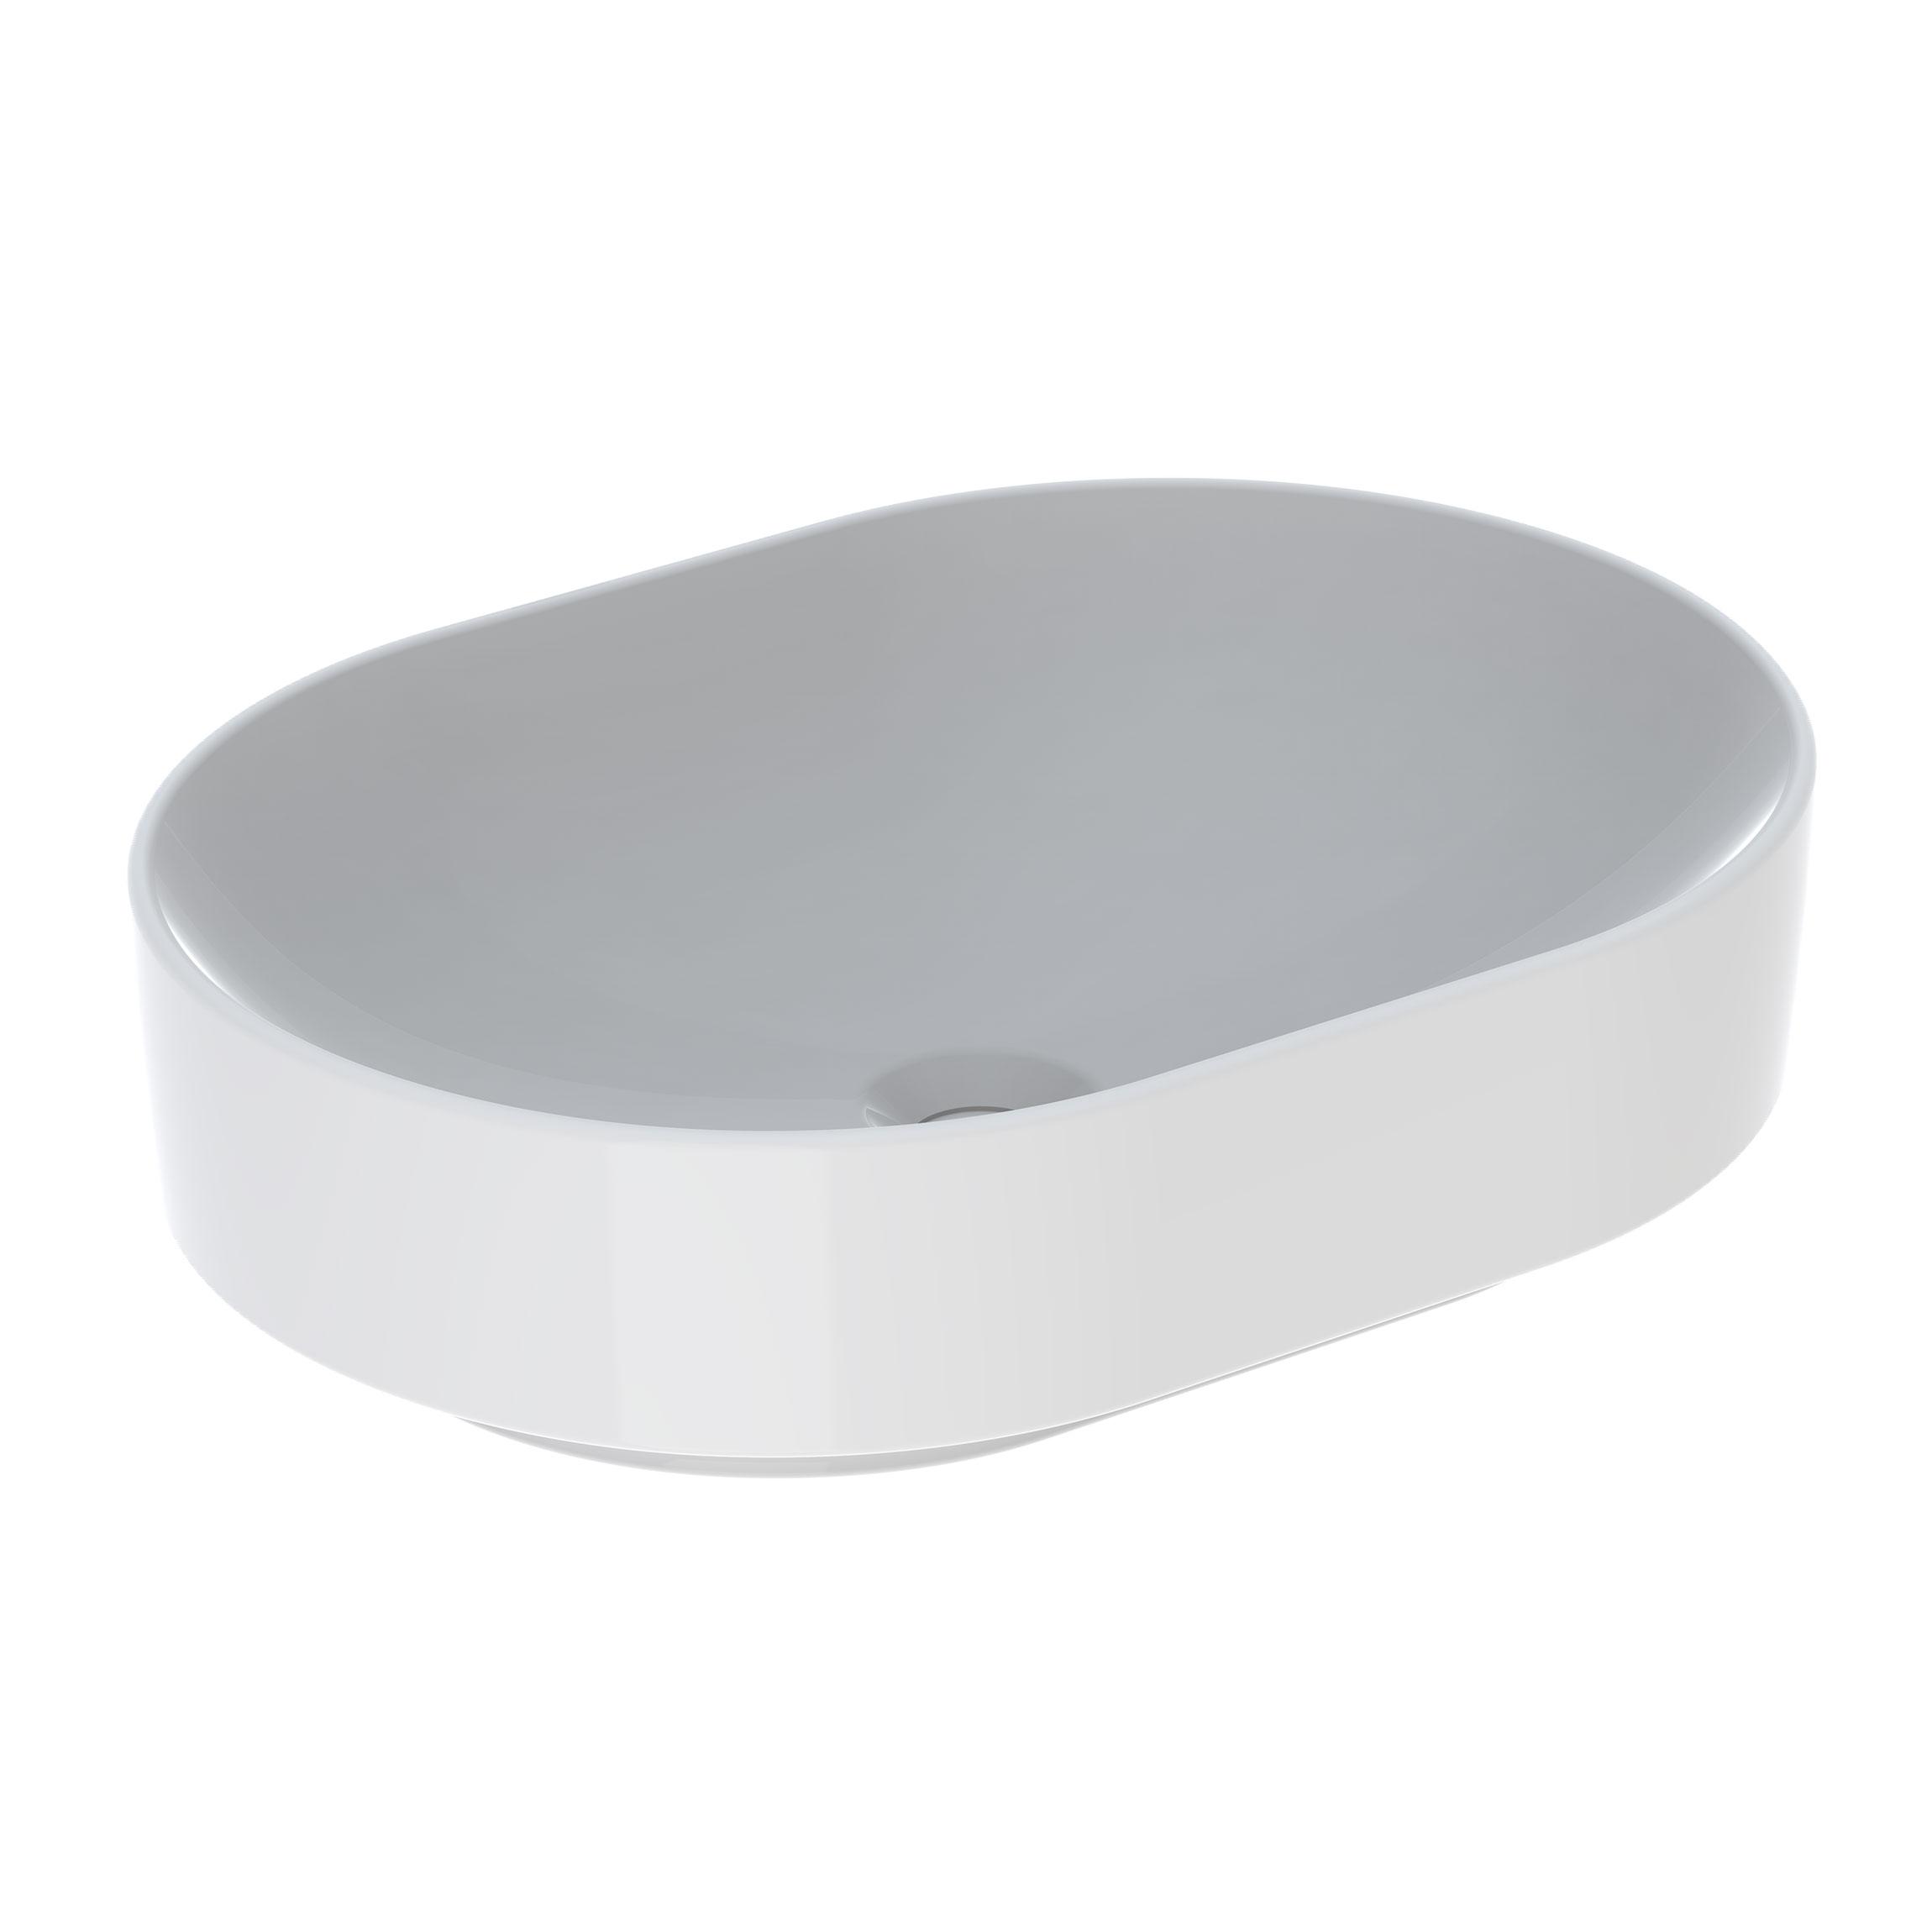 Tvättställ Ifö Variform 550 mm Lay-on Elliptiskt Utan Bräddavlopp